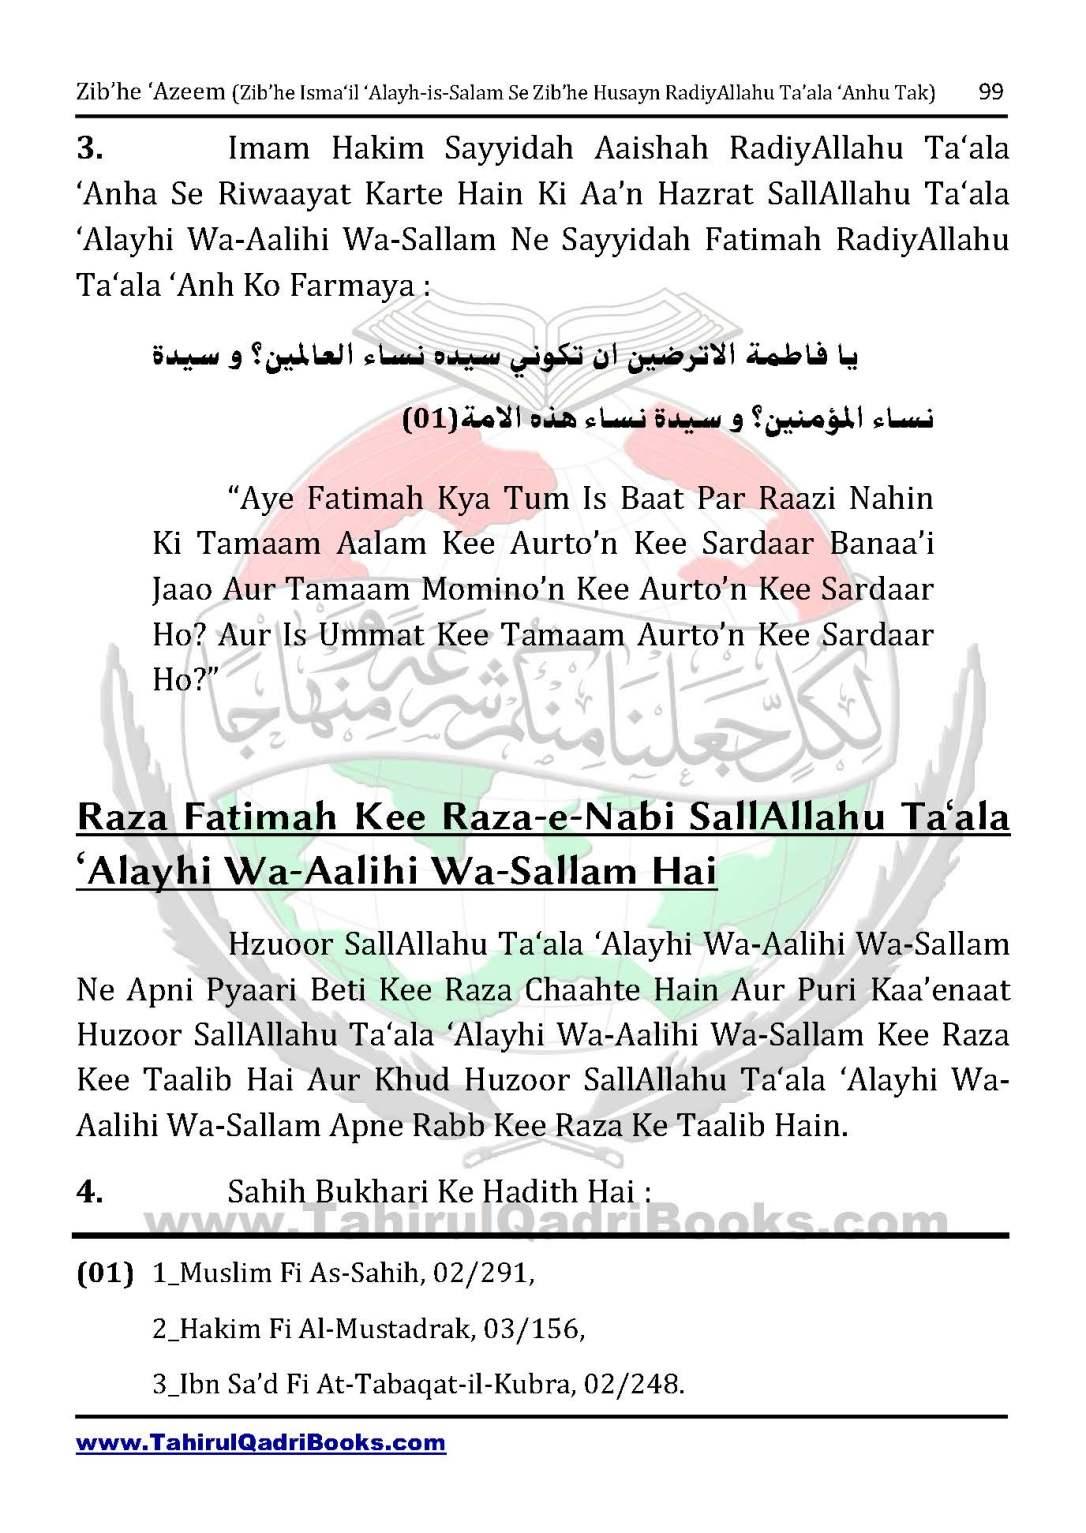 zib_he-e28098azeem-zib_he-ismacabbil-se-zib_he-husayn-tak-in-roman-urdu-unlocked_Page_099